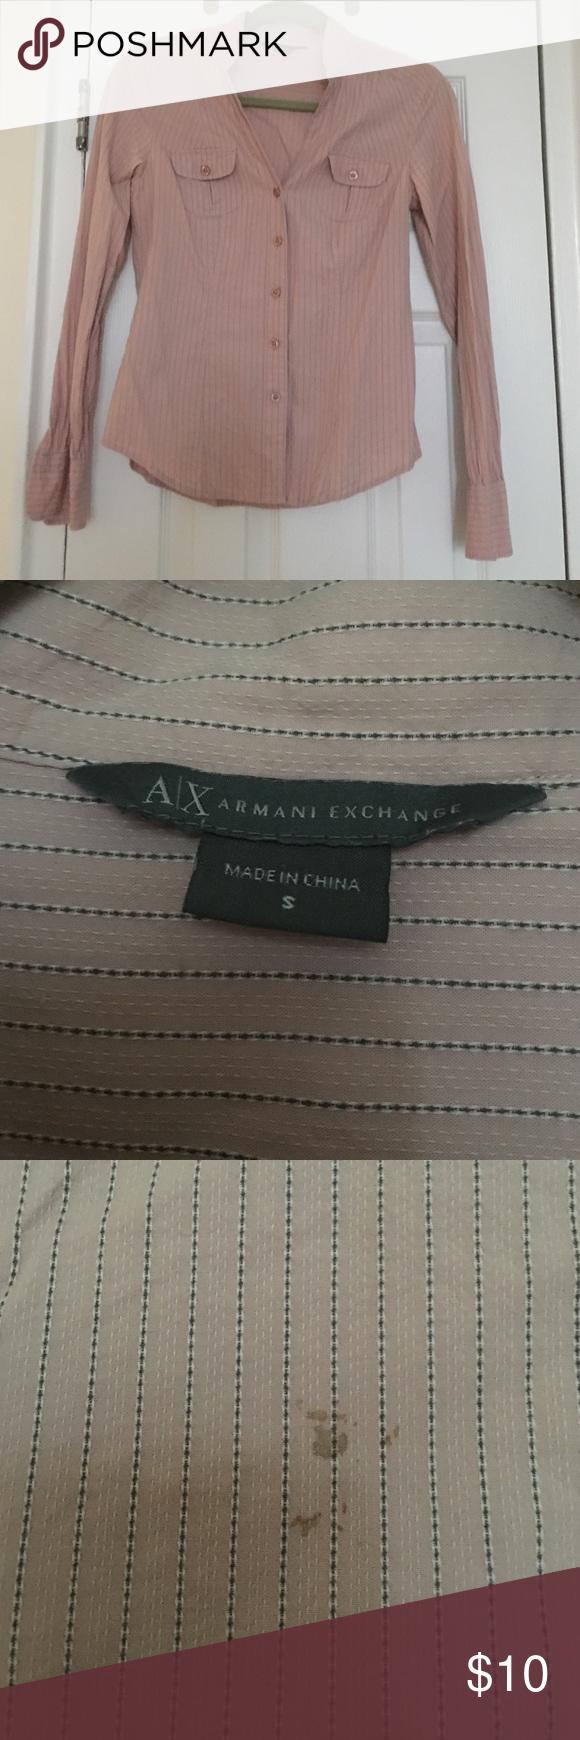 Armani Exchange button down Dry pink w/ gray stripes. Armani Exchange button down. Small stain on back Armani Exchange Tops Button Down Shirts